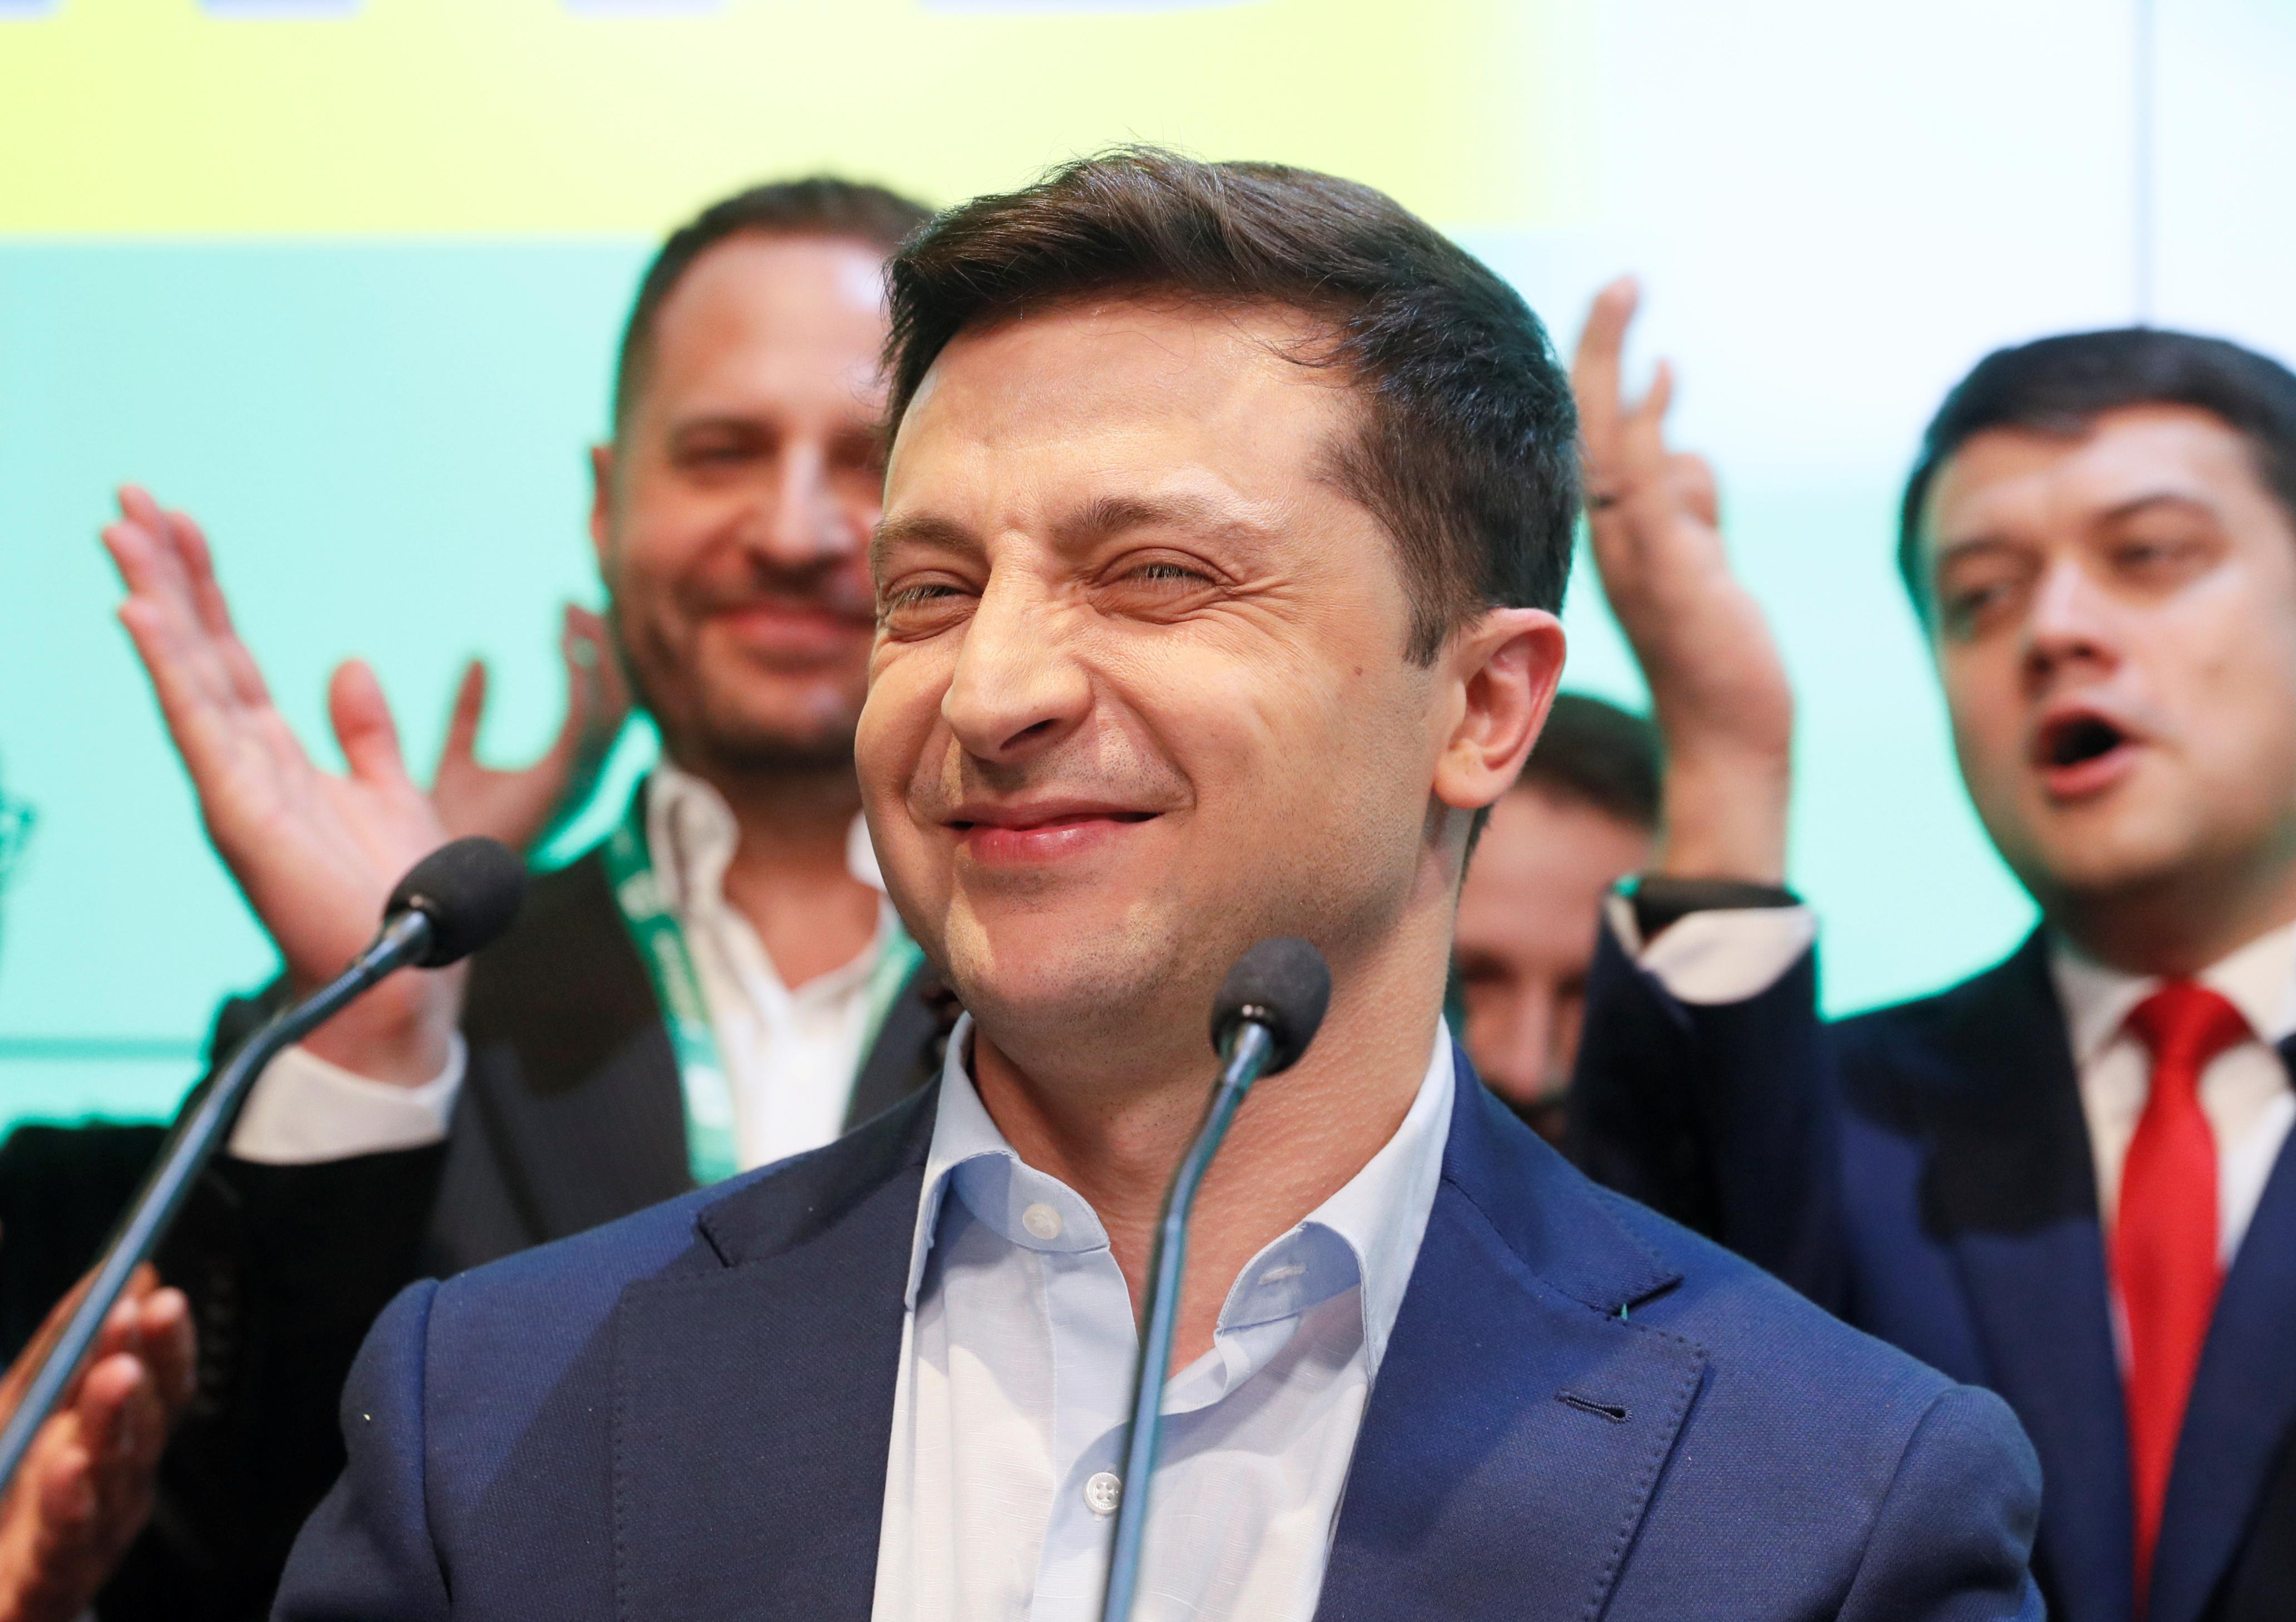 فولوديمير زيلينسكى يبتسم لمؤيديه